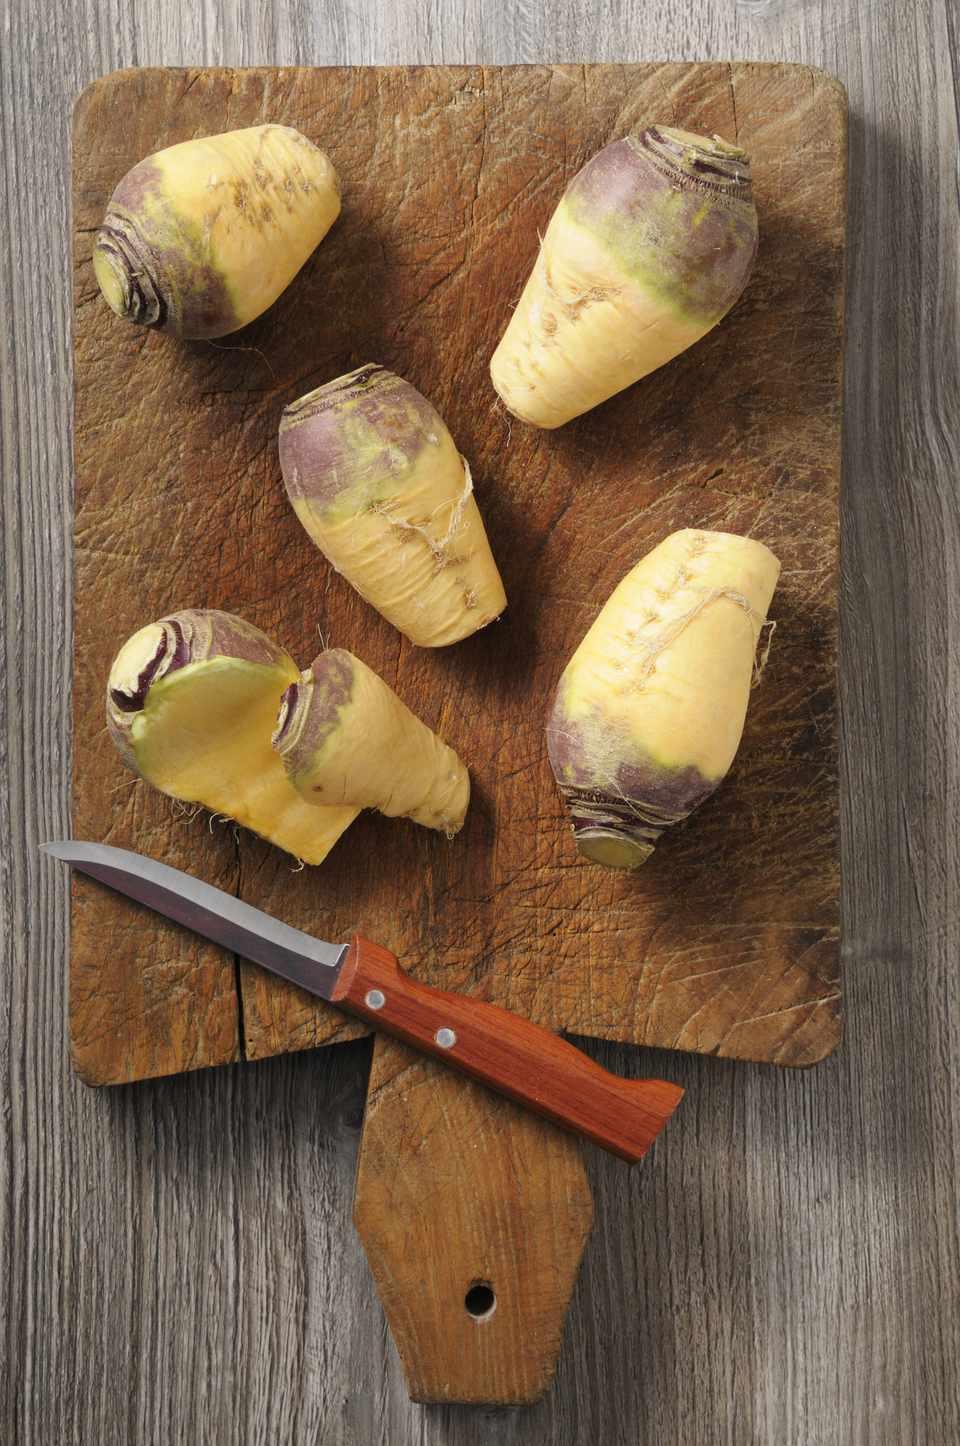 rutabaga on a cutting board